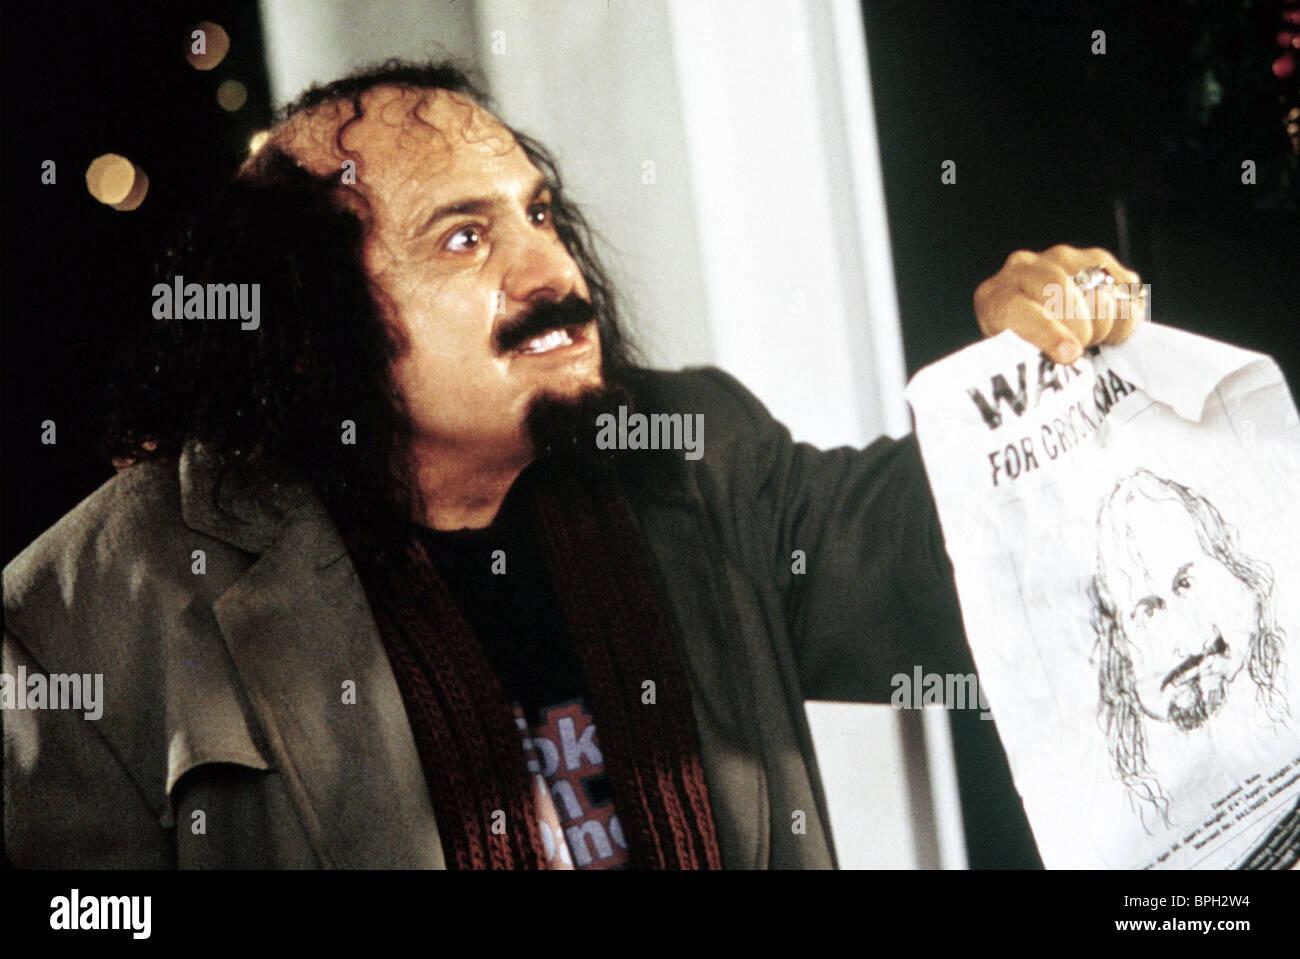 DANNY DEVITO SCREWED (2000) - Stock Image